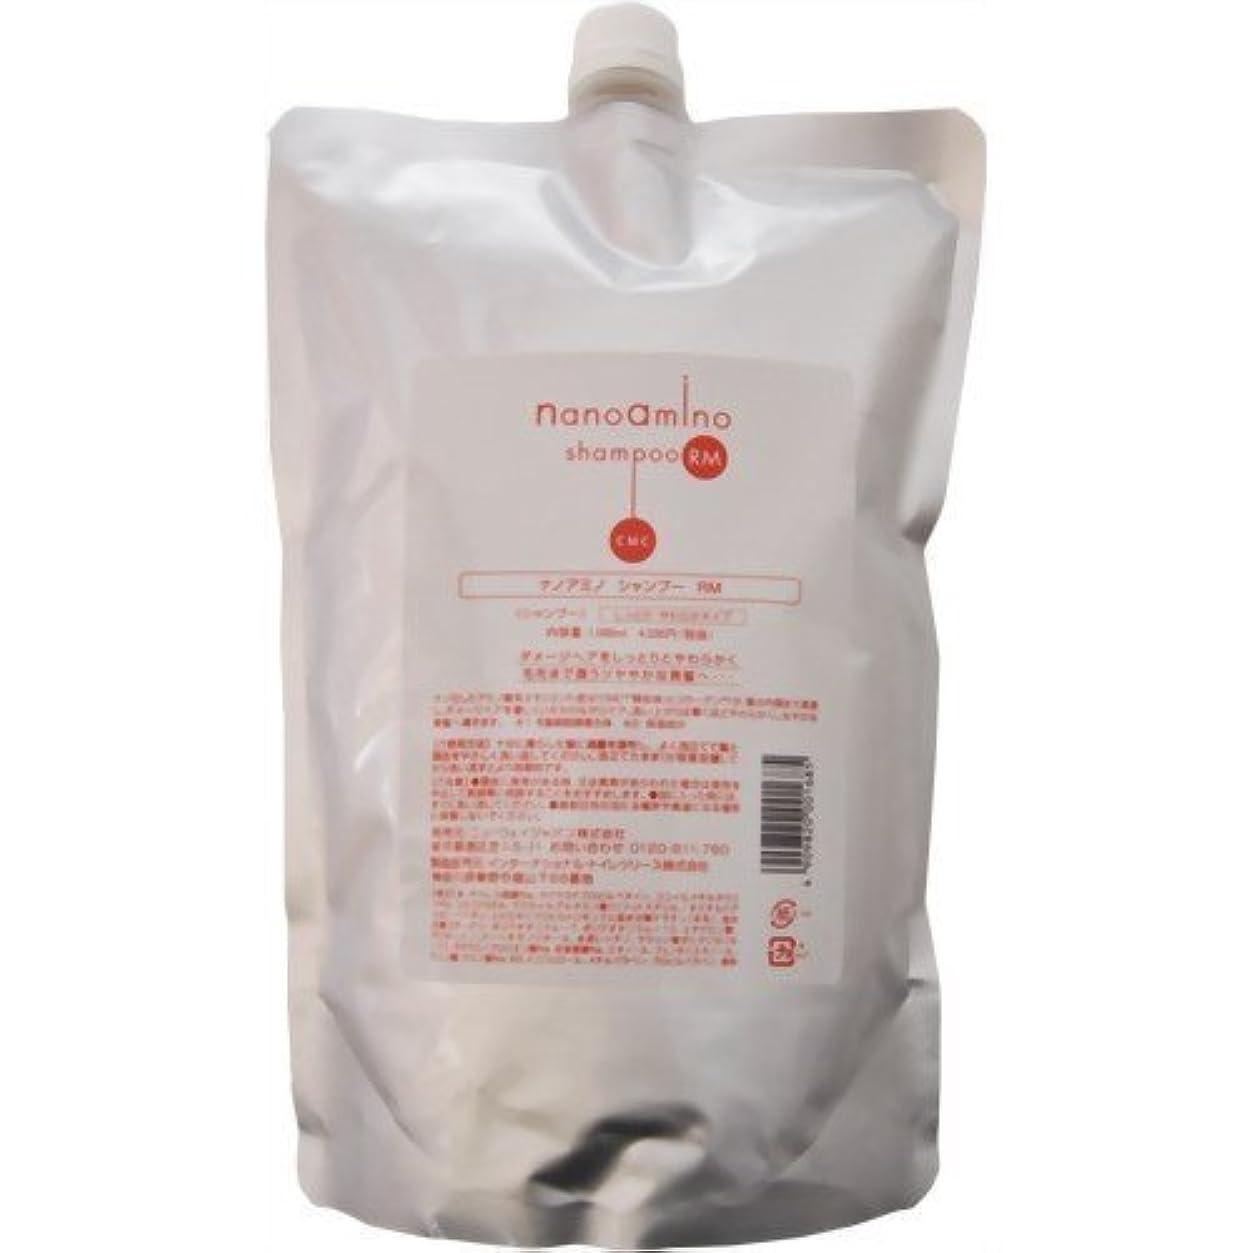 請求書バイアス硫黄ニューウェイジャパン ナノアミノ シャンプー RM 1000ml レフィル